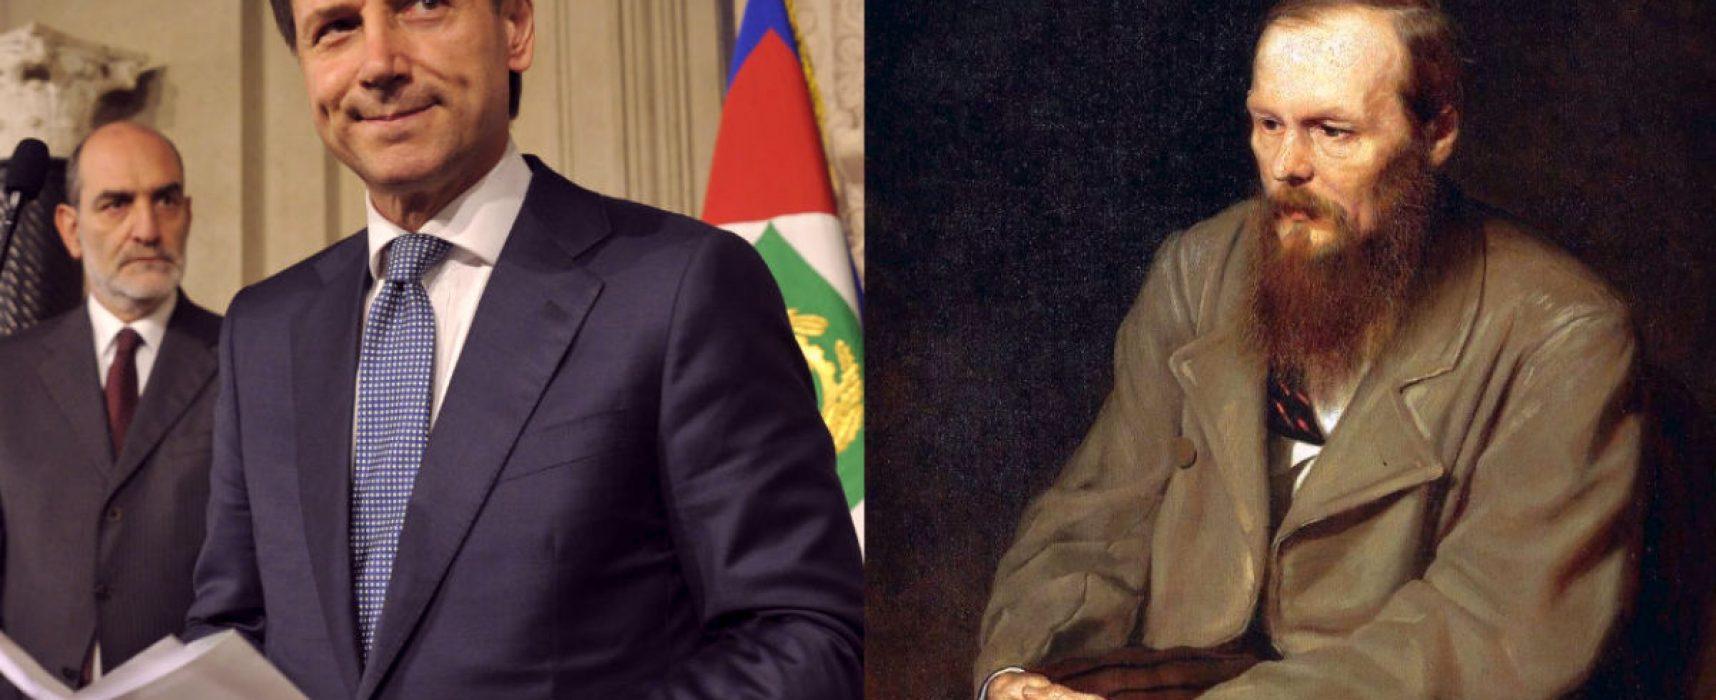 Tutte le cantonate del neo-premier Conte sul fronte russo